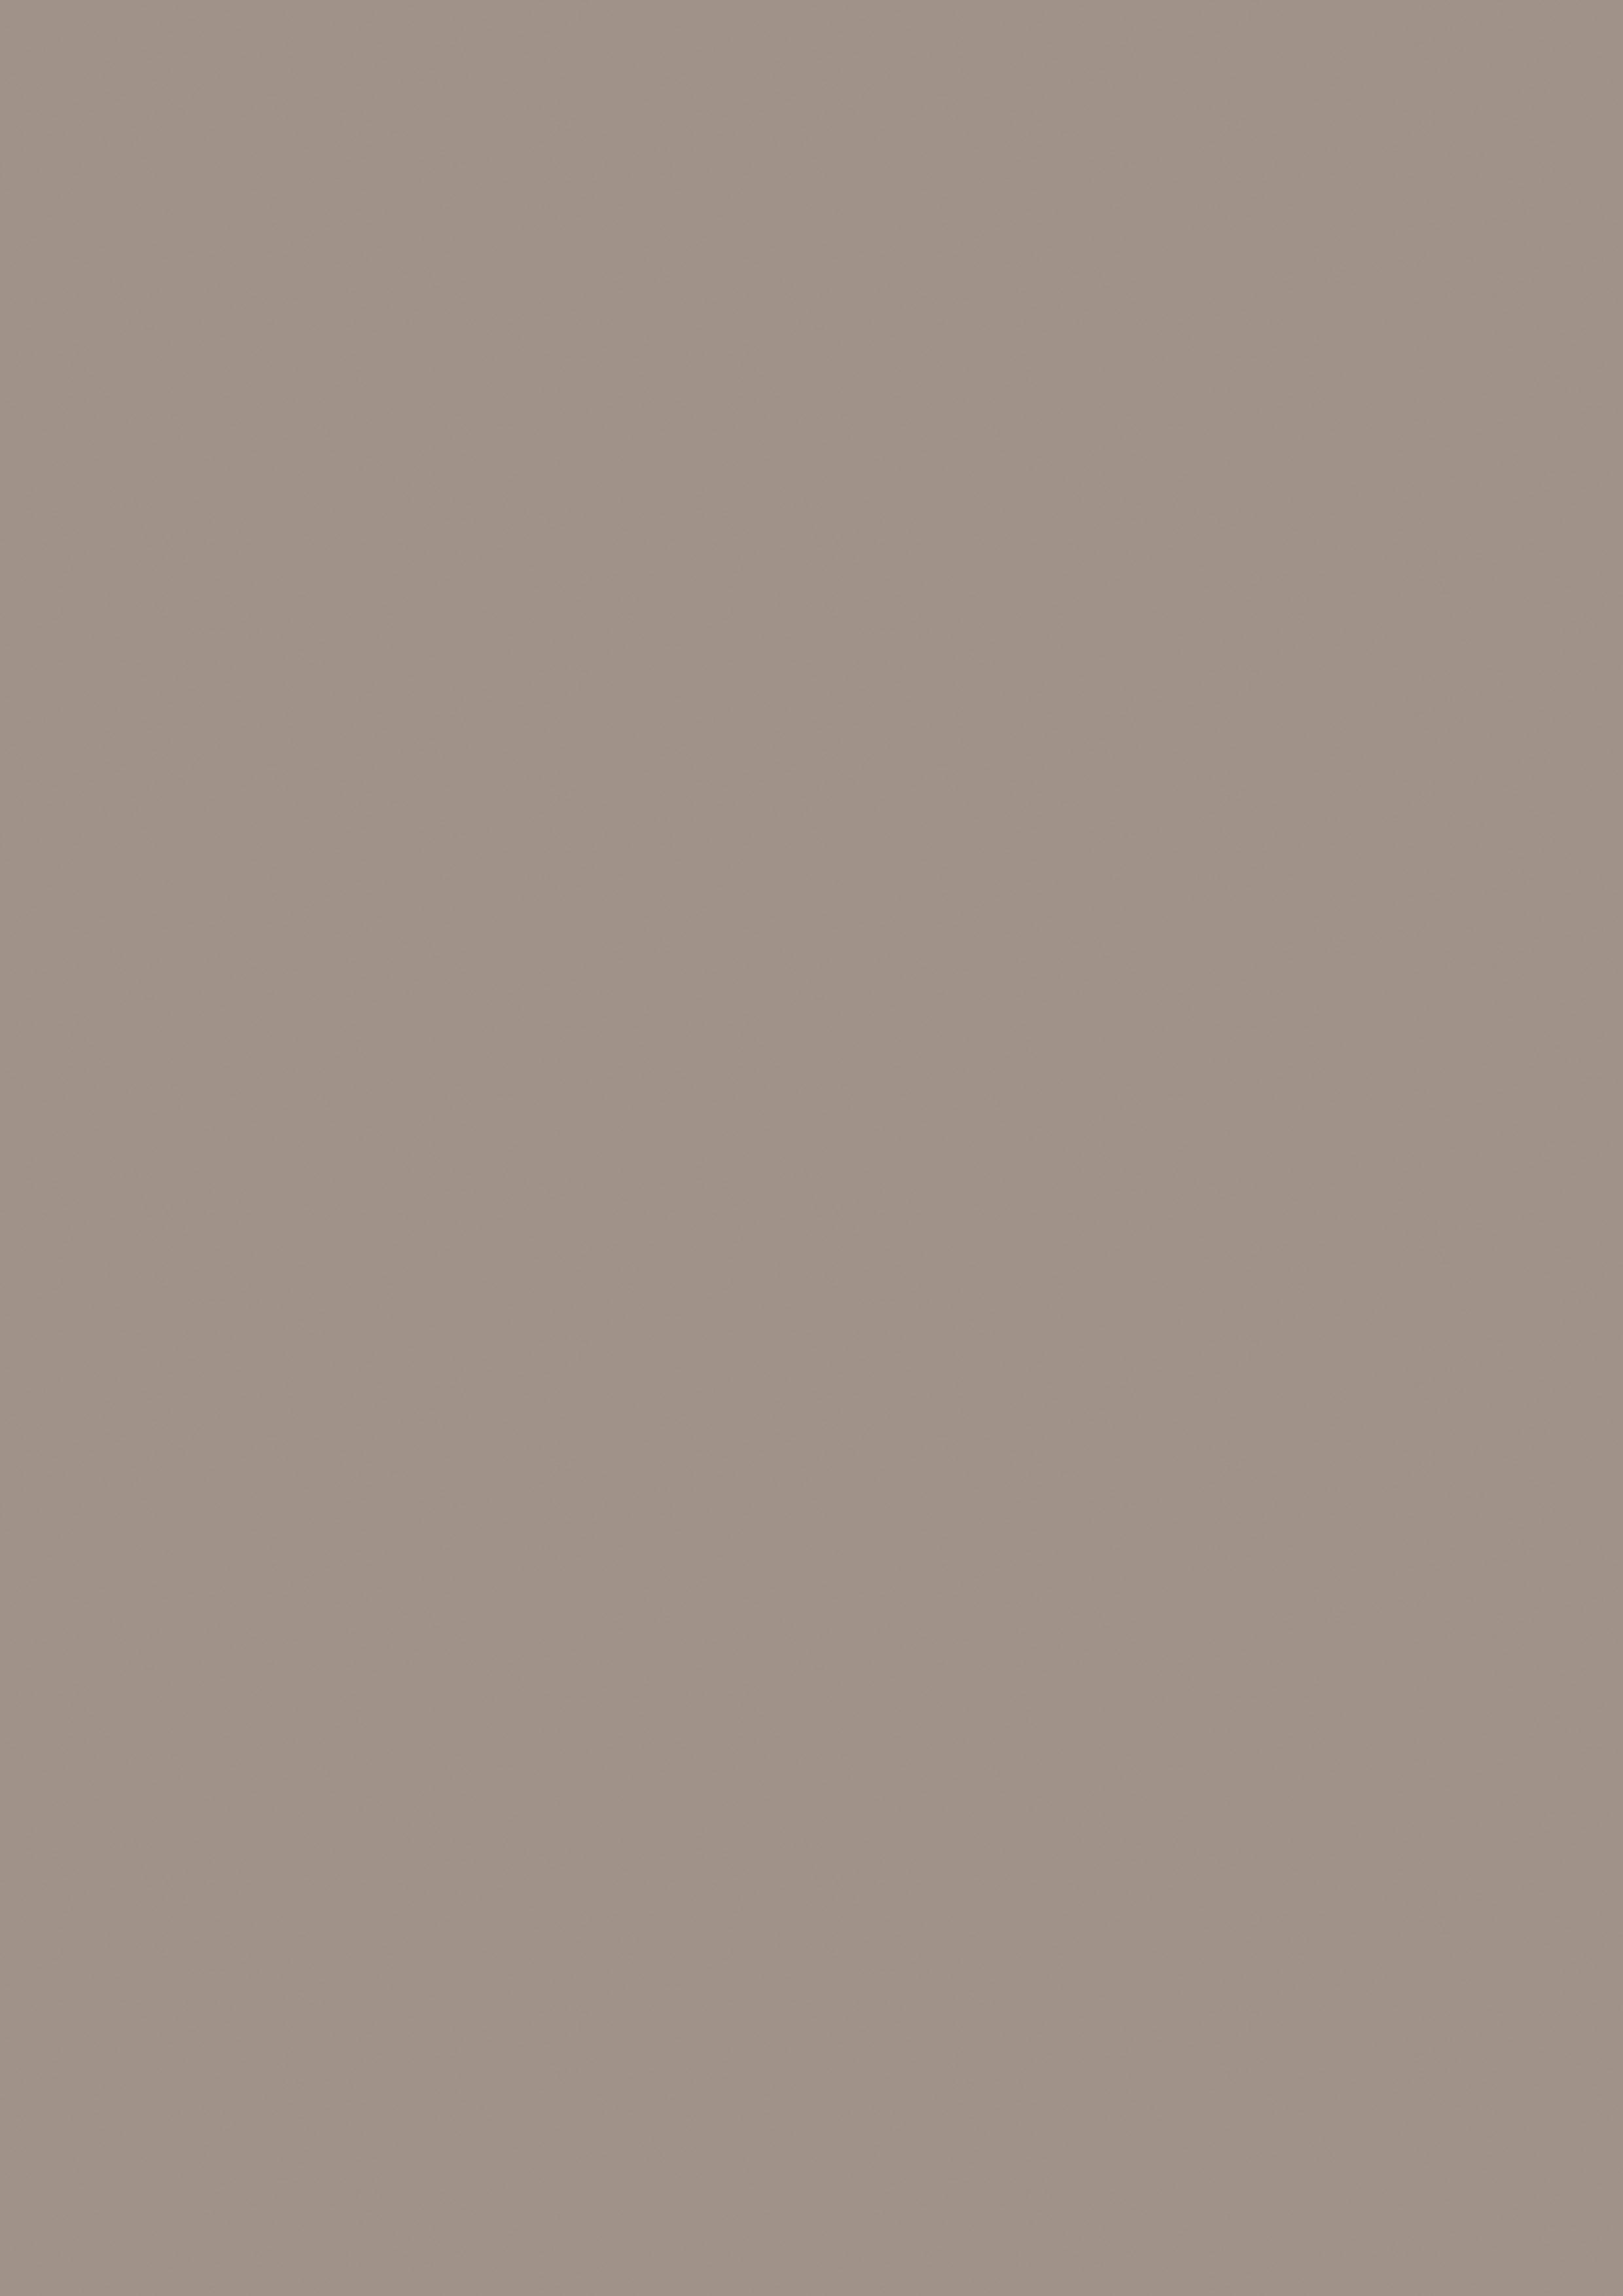 Sand gray (U1184FG)